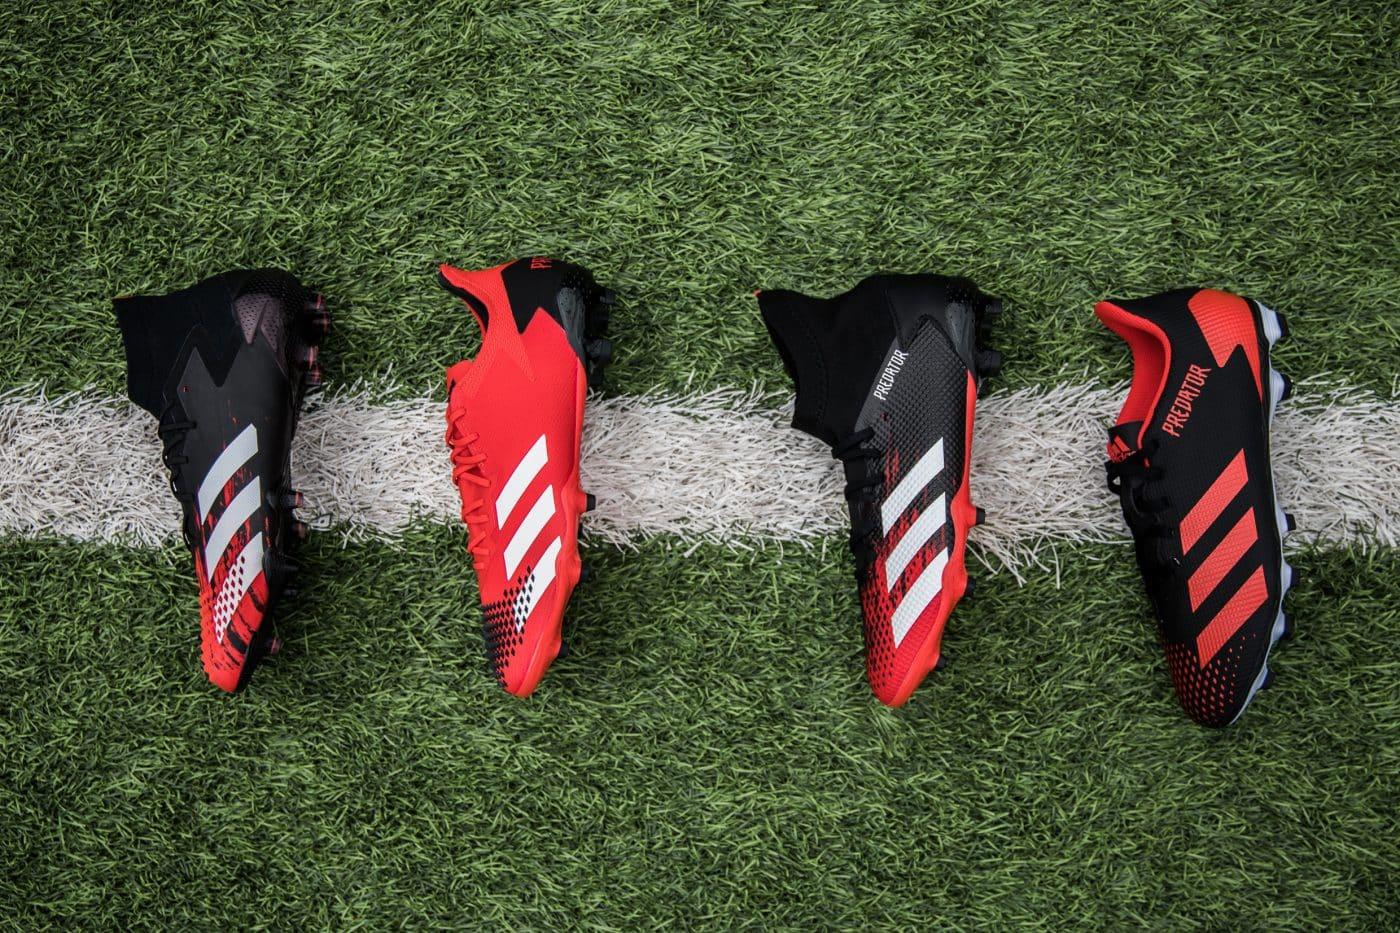 gamme-adidas-predator-20-footpack-1